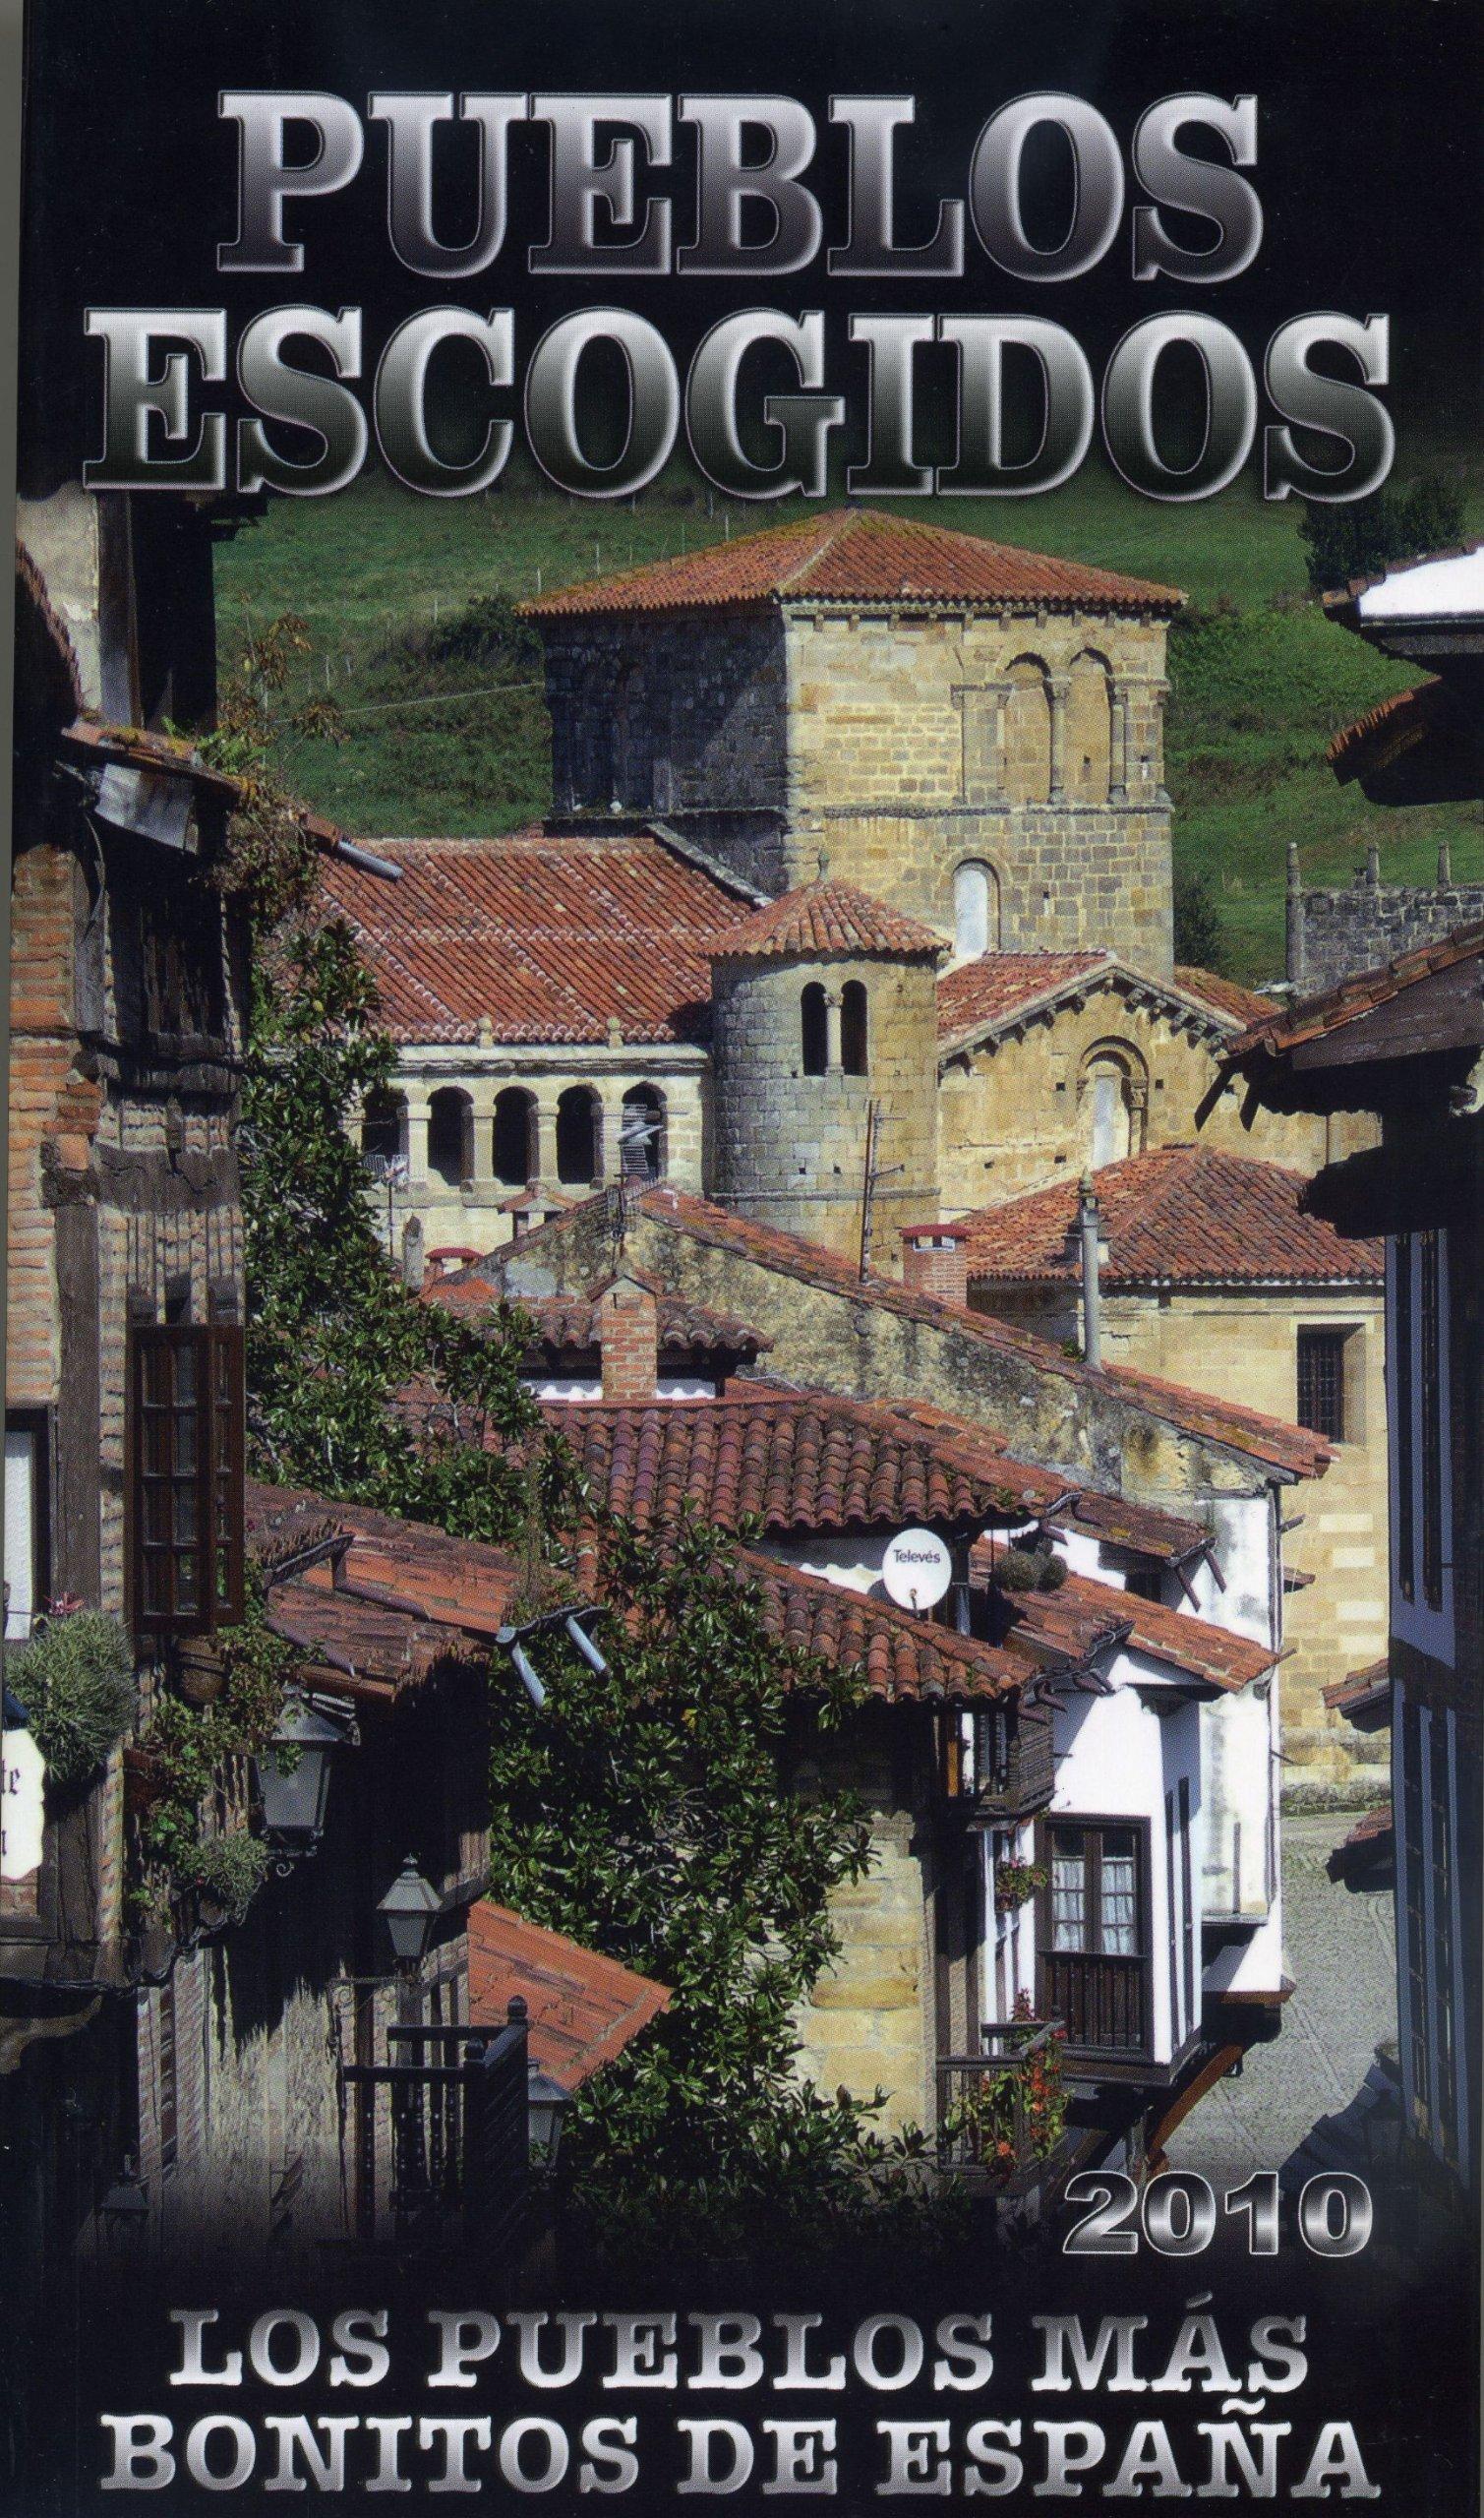 Pueblos escogidos 2010 - los pueblos mas bonitos de España Guia ...